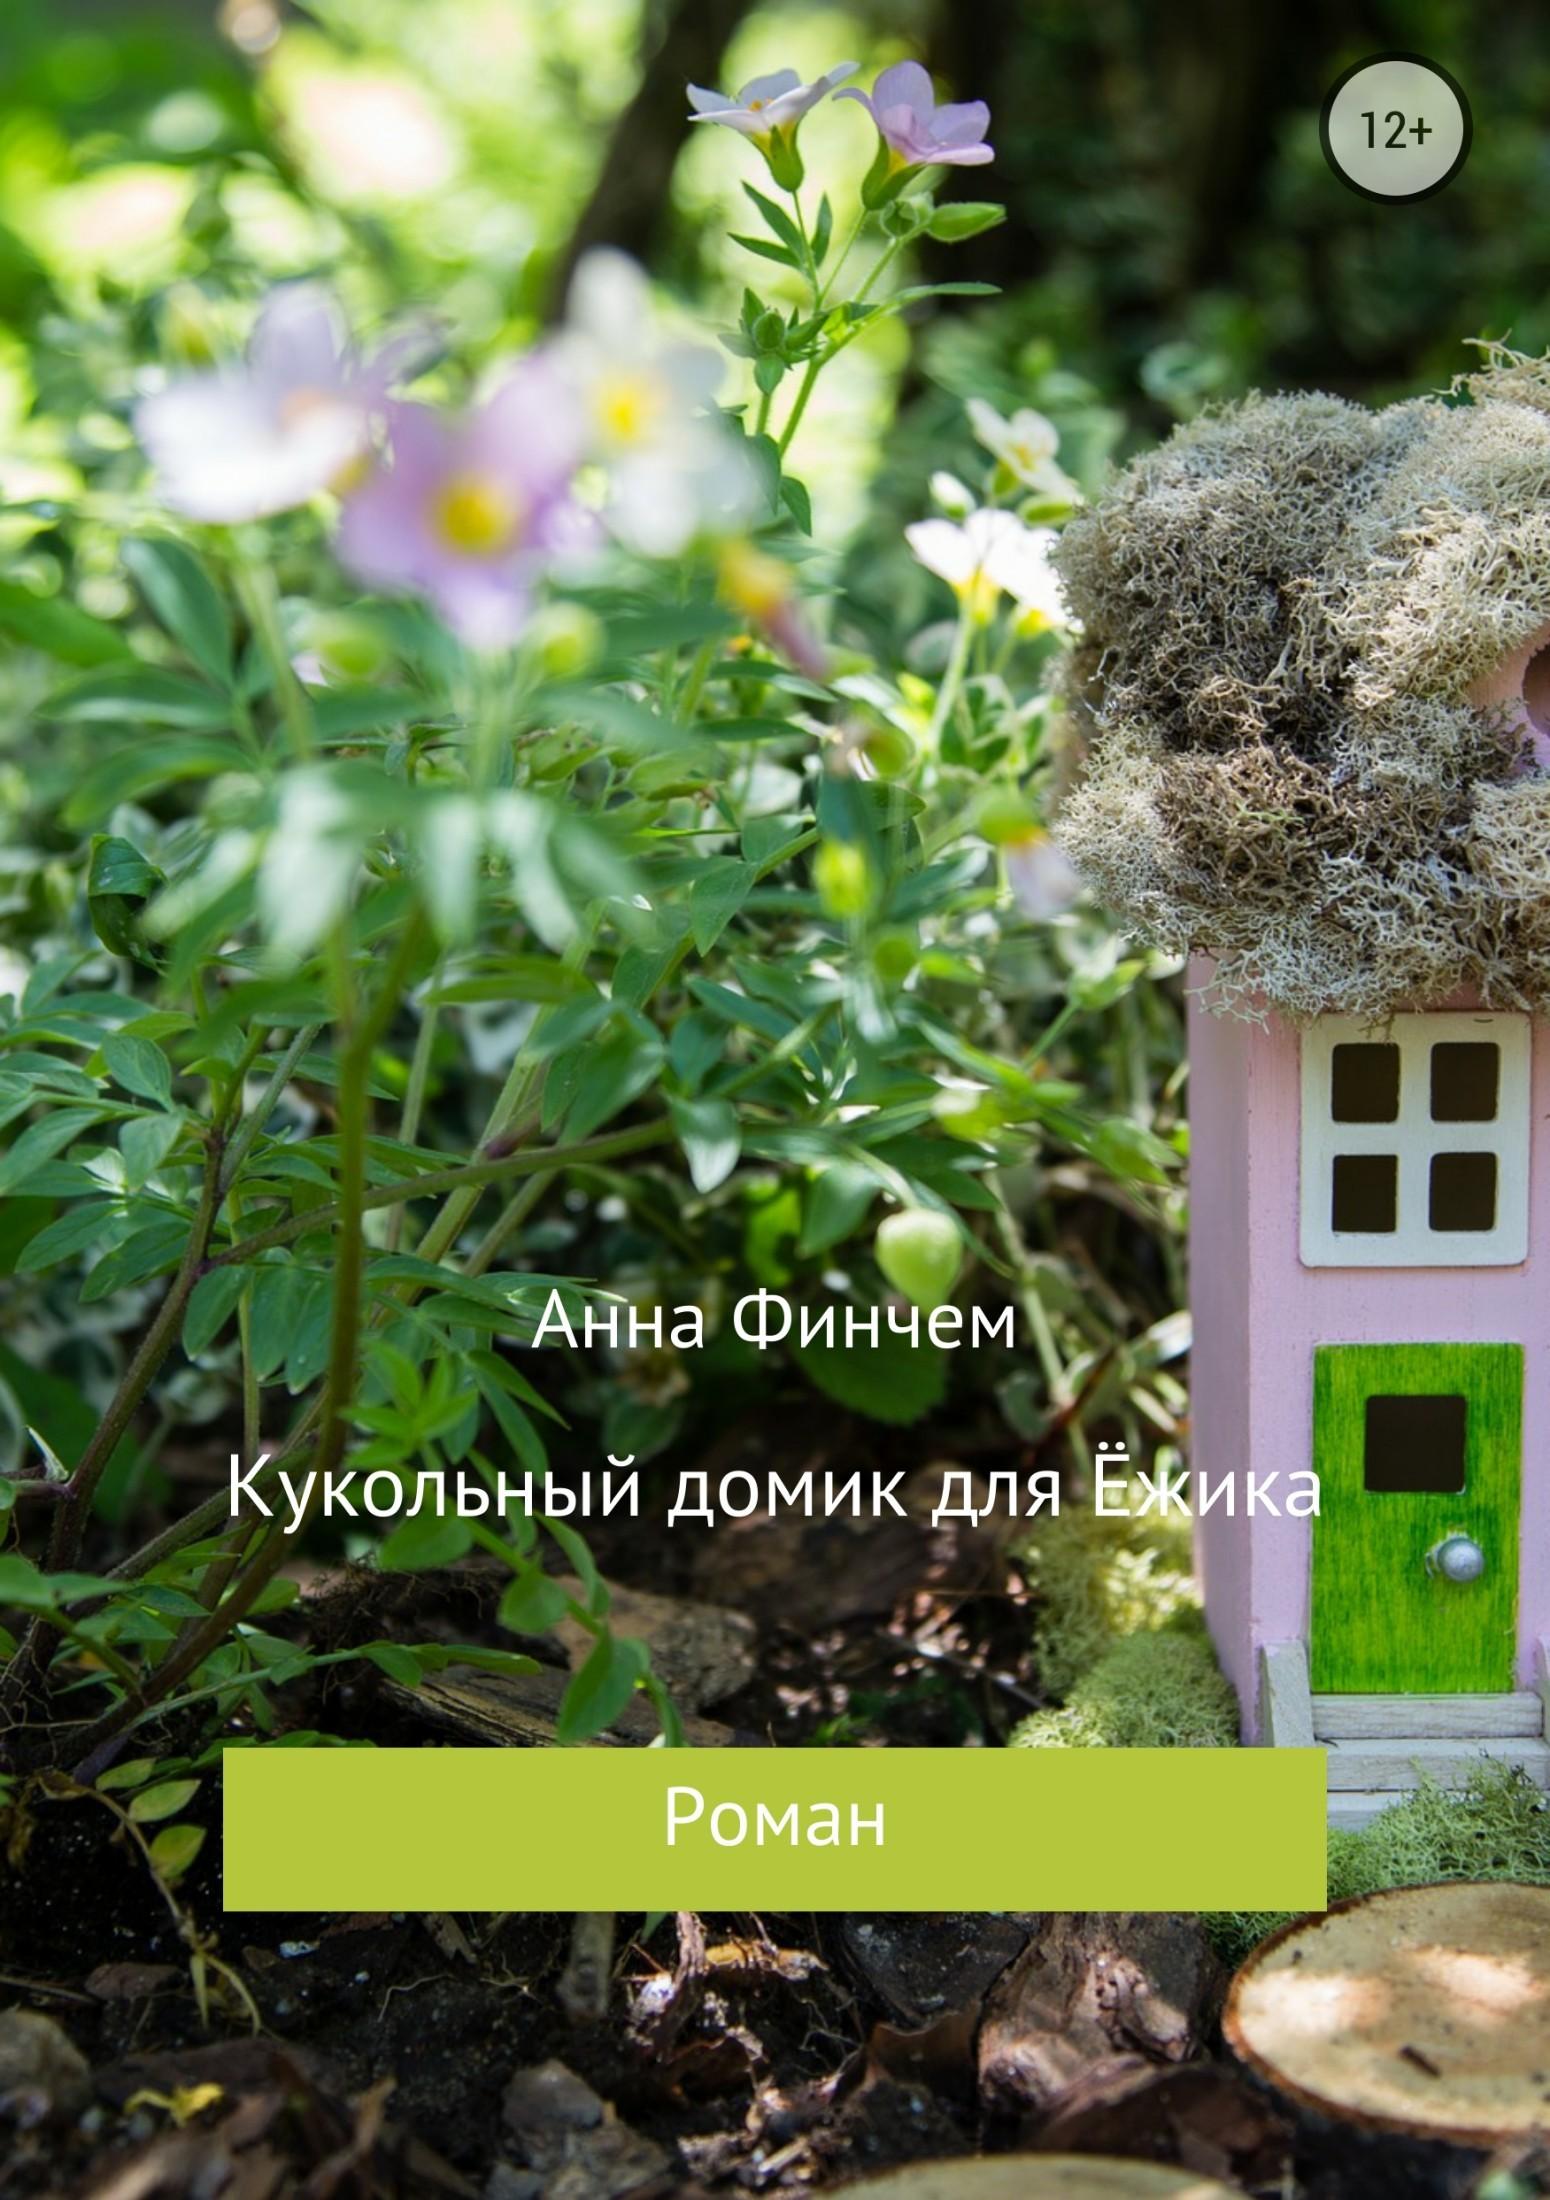 Кукольный домик для Ёжика